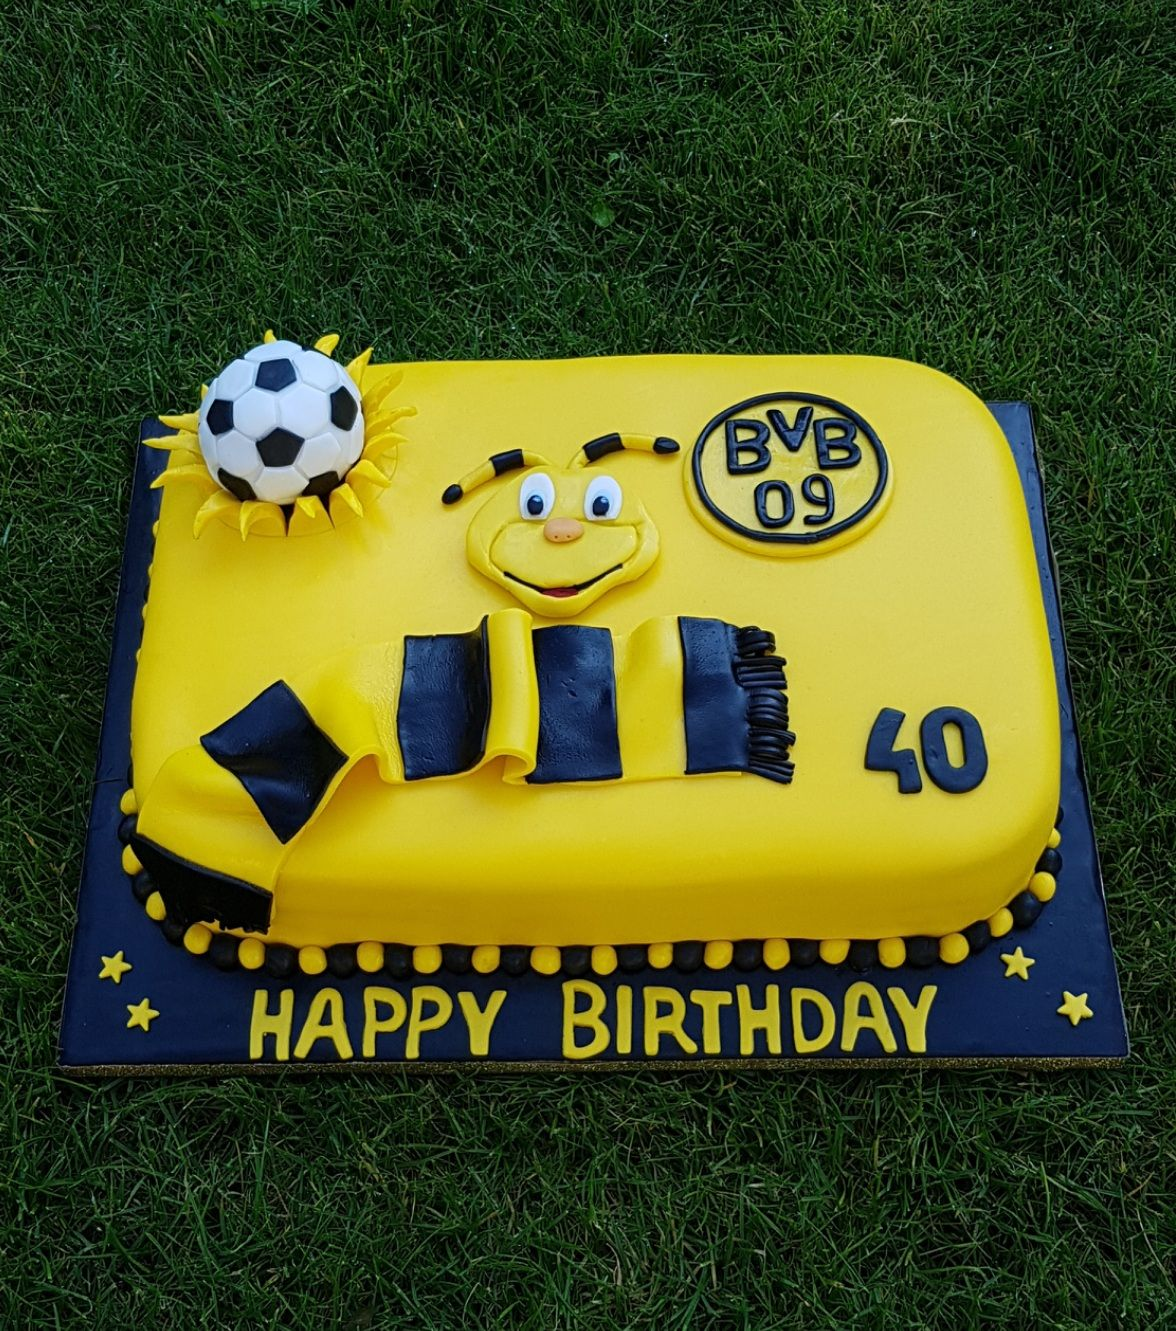 BVB Geburtstag Torte  Motivtorten Fondant Deko in 2019